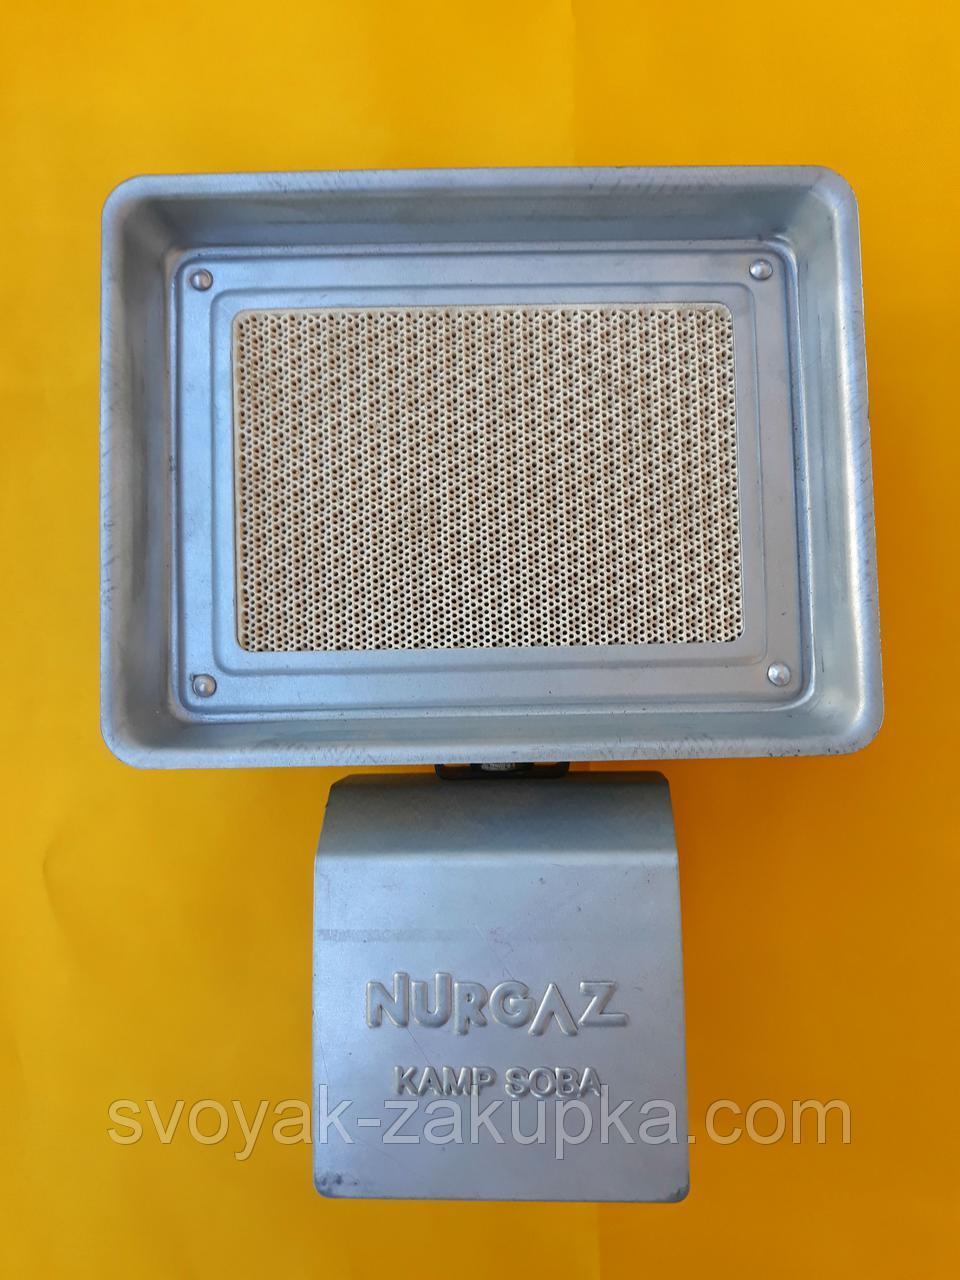 портативный газовый обогреватель для дачи: виды, характеристики, расход